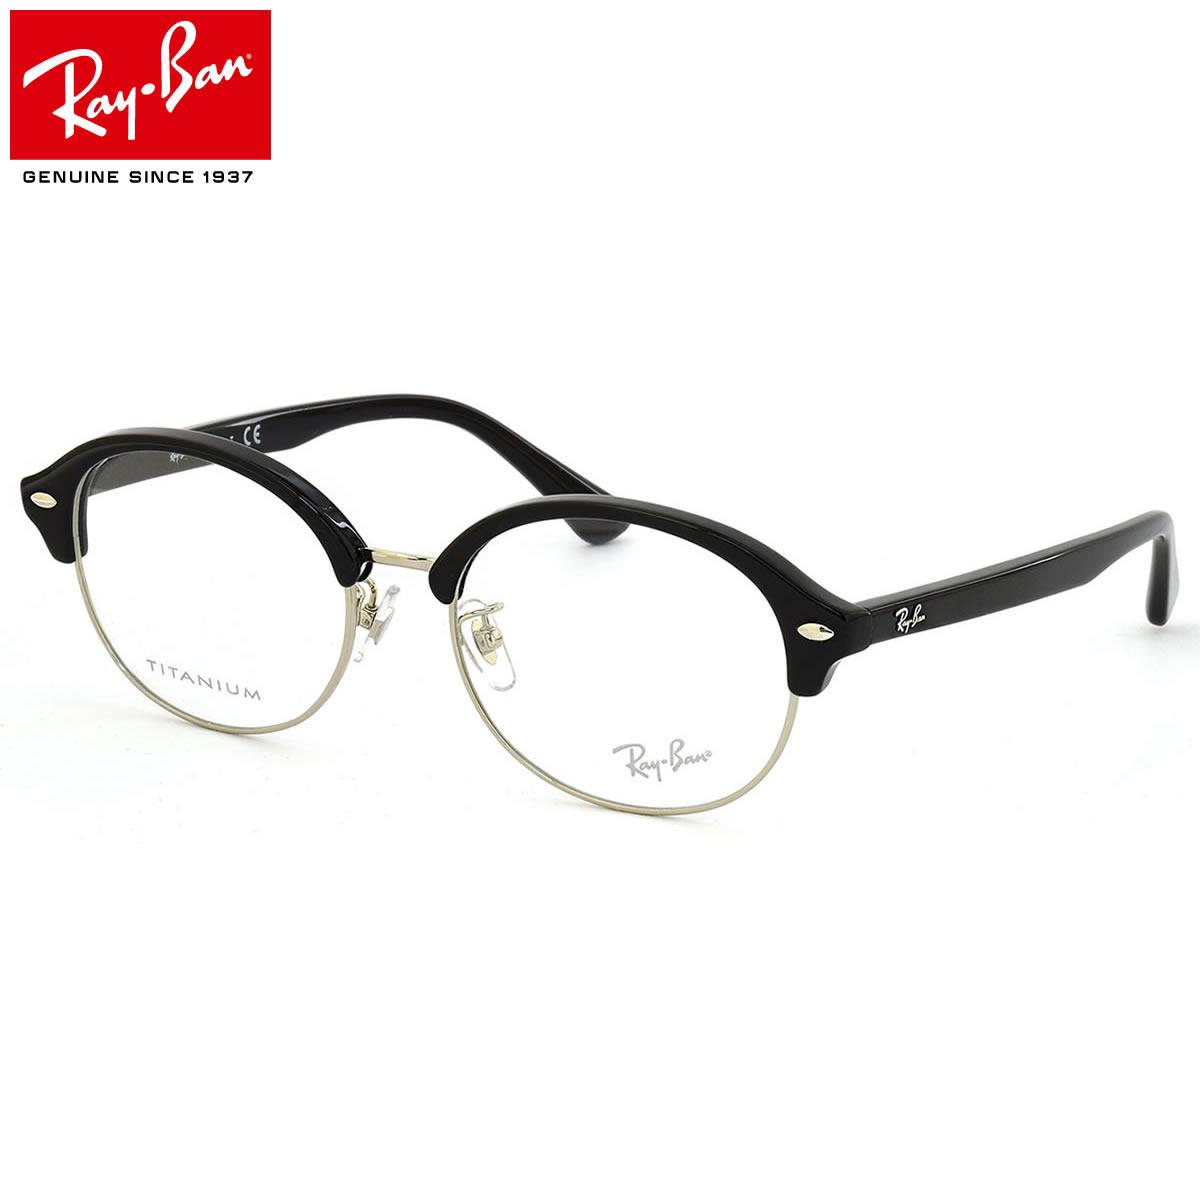 Ray-Ban レイバン メガネ RX5358TD 2000 53サイズ ASIAN DESIGN TECH アジアンデザイン テック コンビネーション サーモントブロー ラウンド オーバル レトロ クラシック レイバン RayBan メンズ レディース